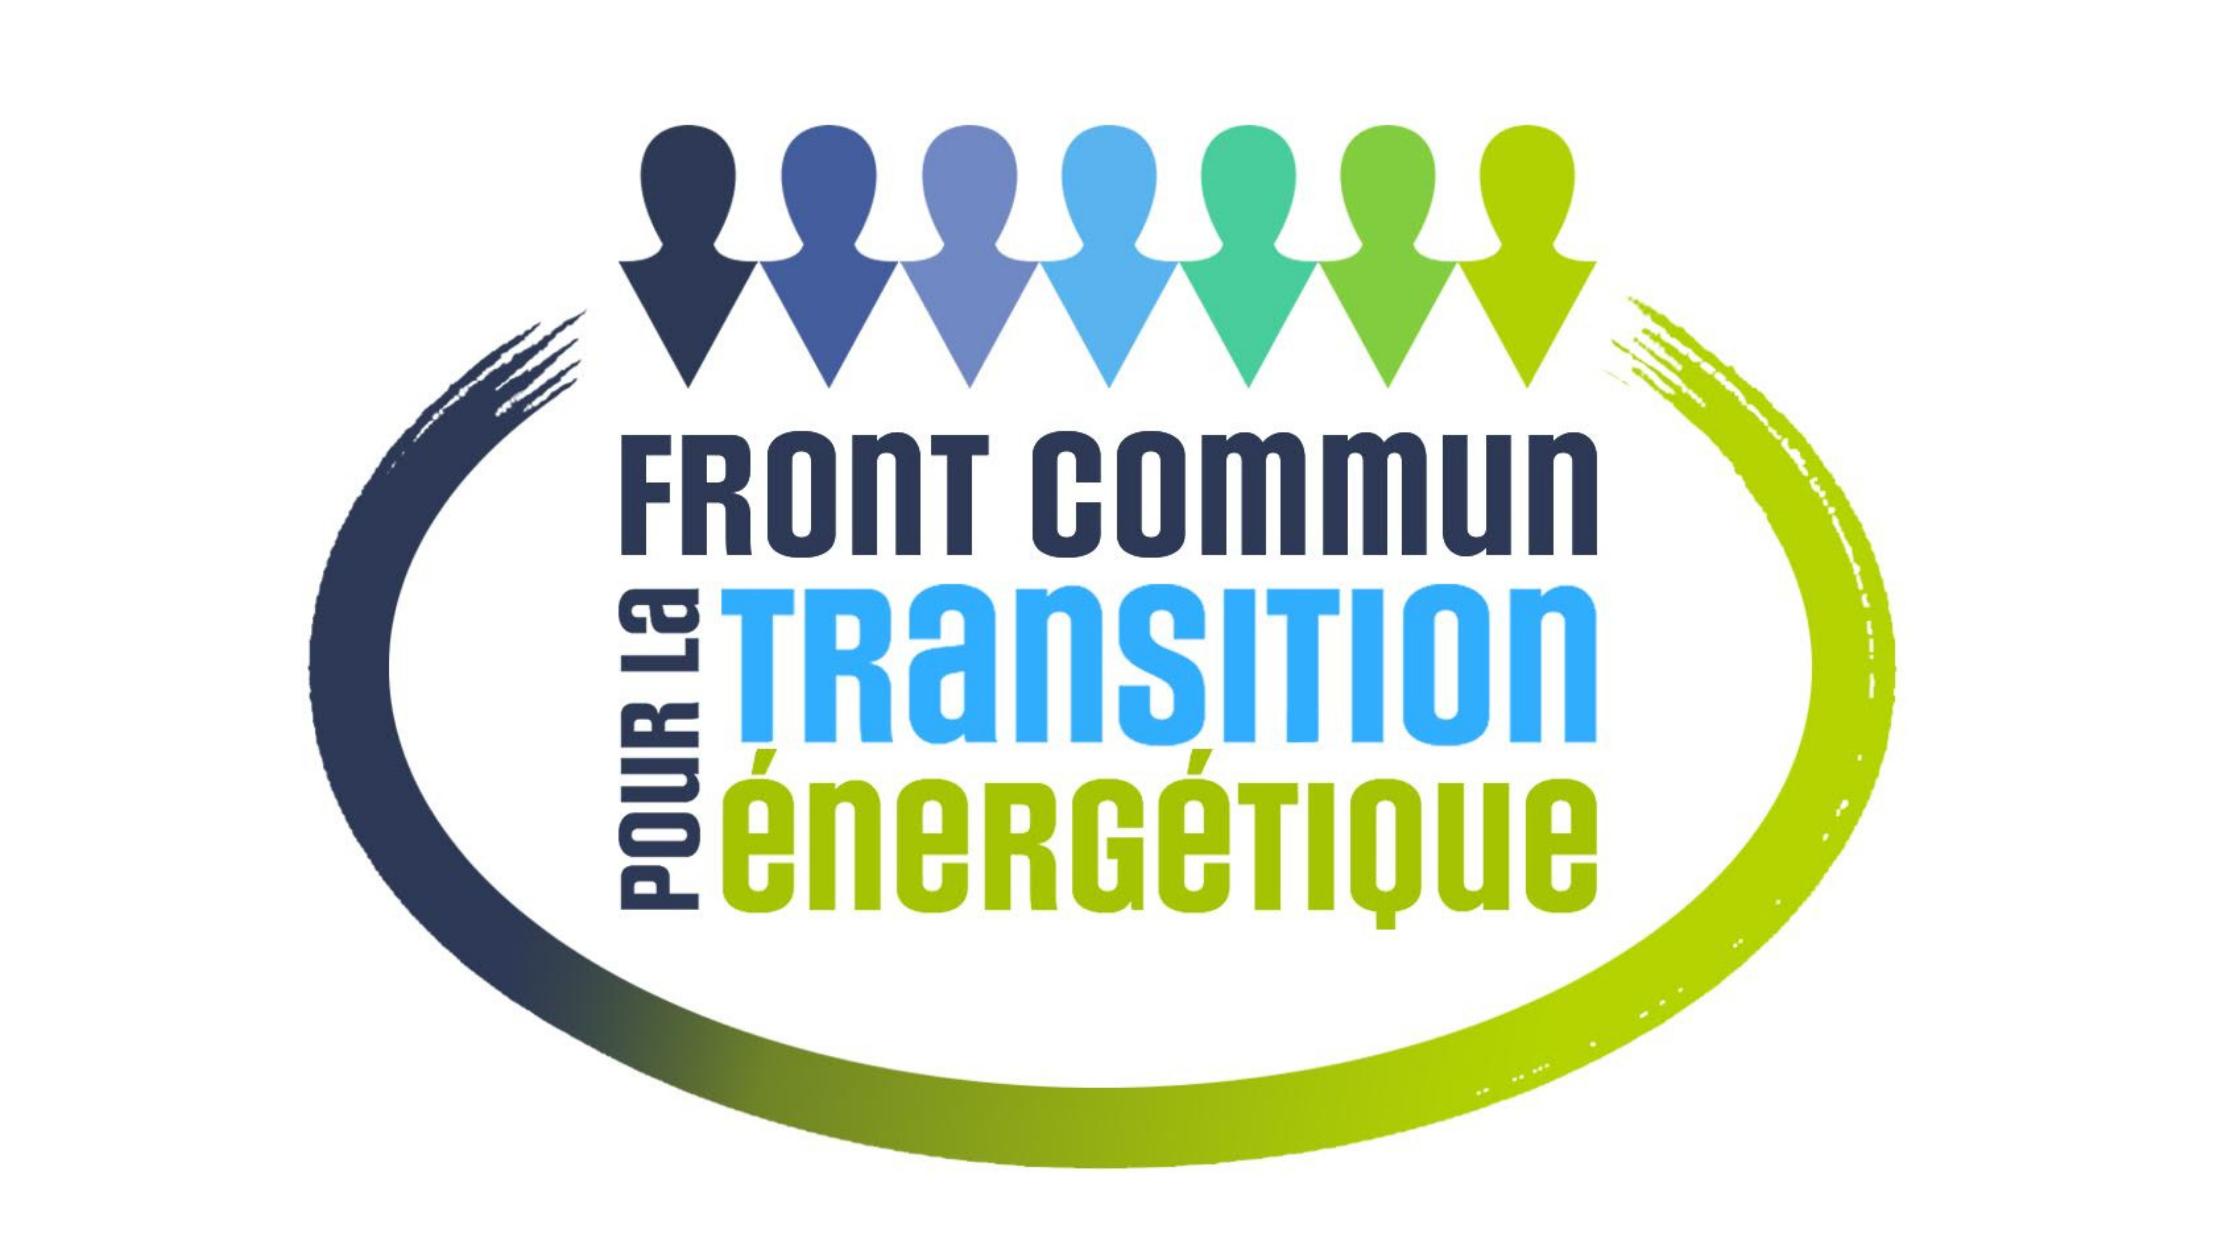 Front commun pour la transition énergitique, logo